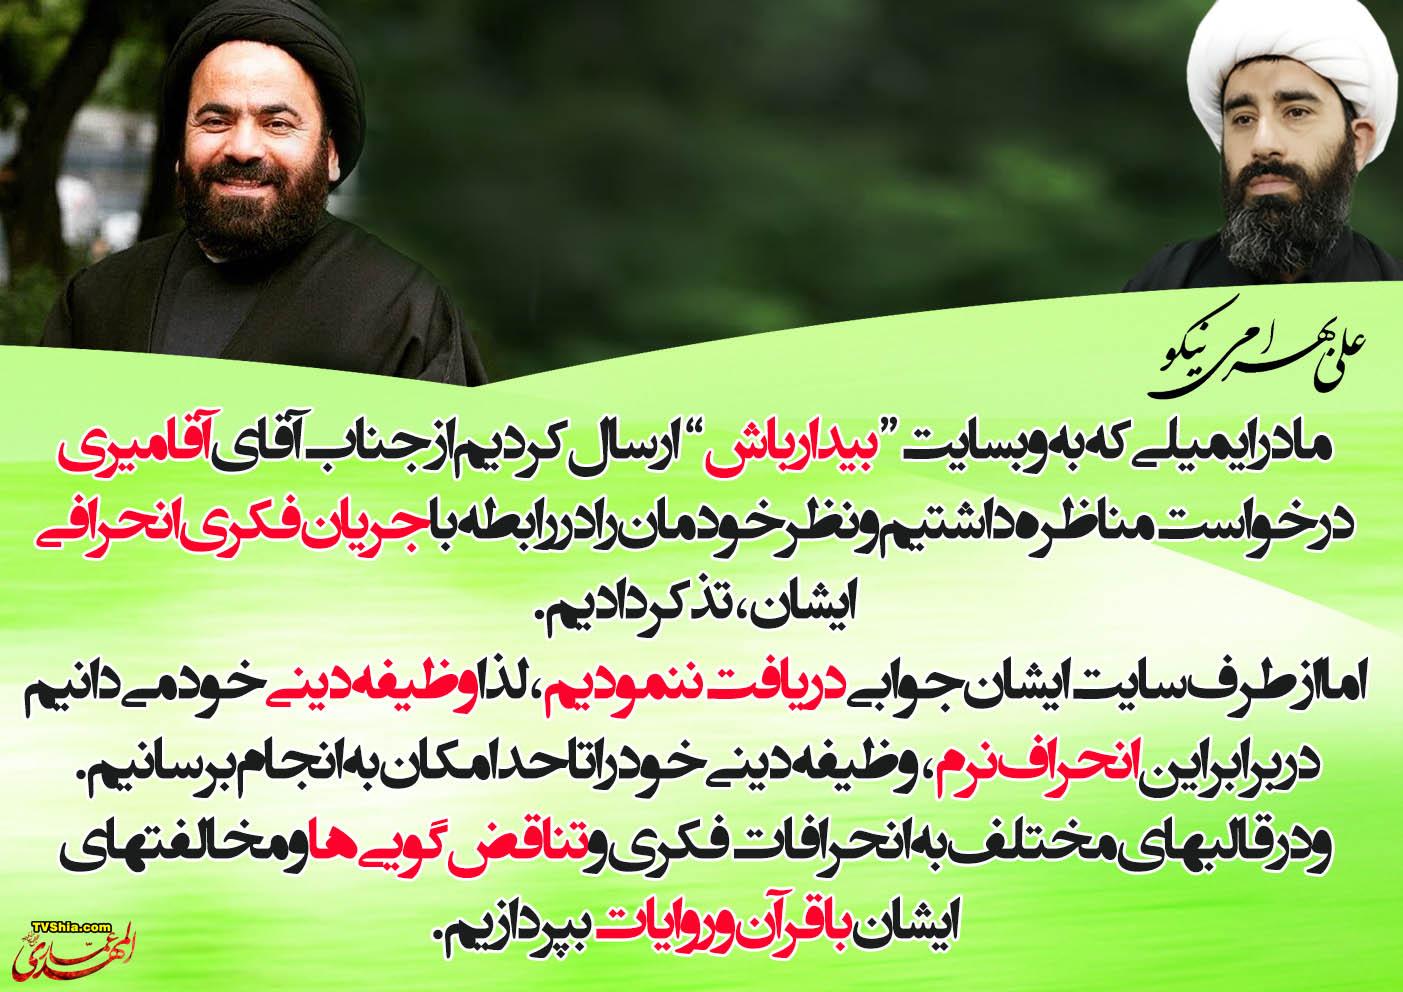 حق دفاع از دین در برابر انحرافات فکری آقای سید حسن آقامیری بعد از درخواست مناظره